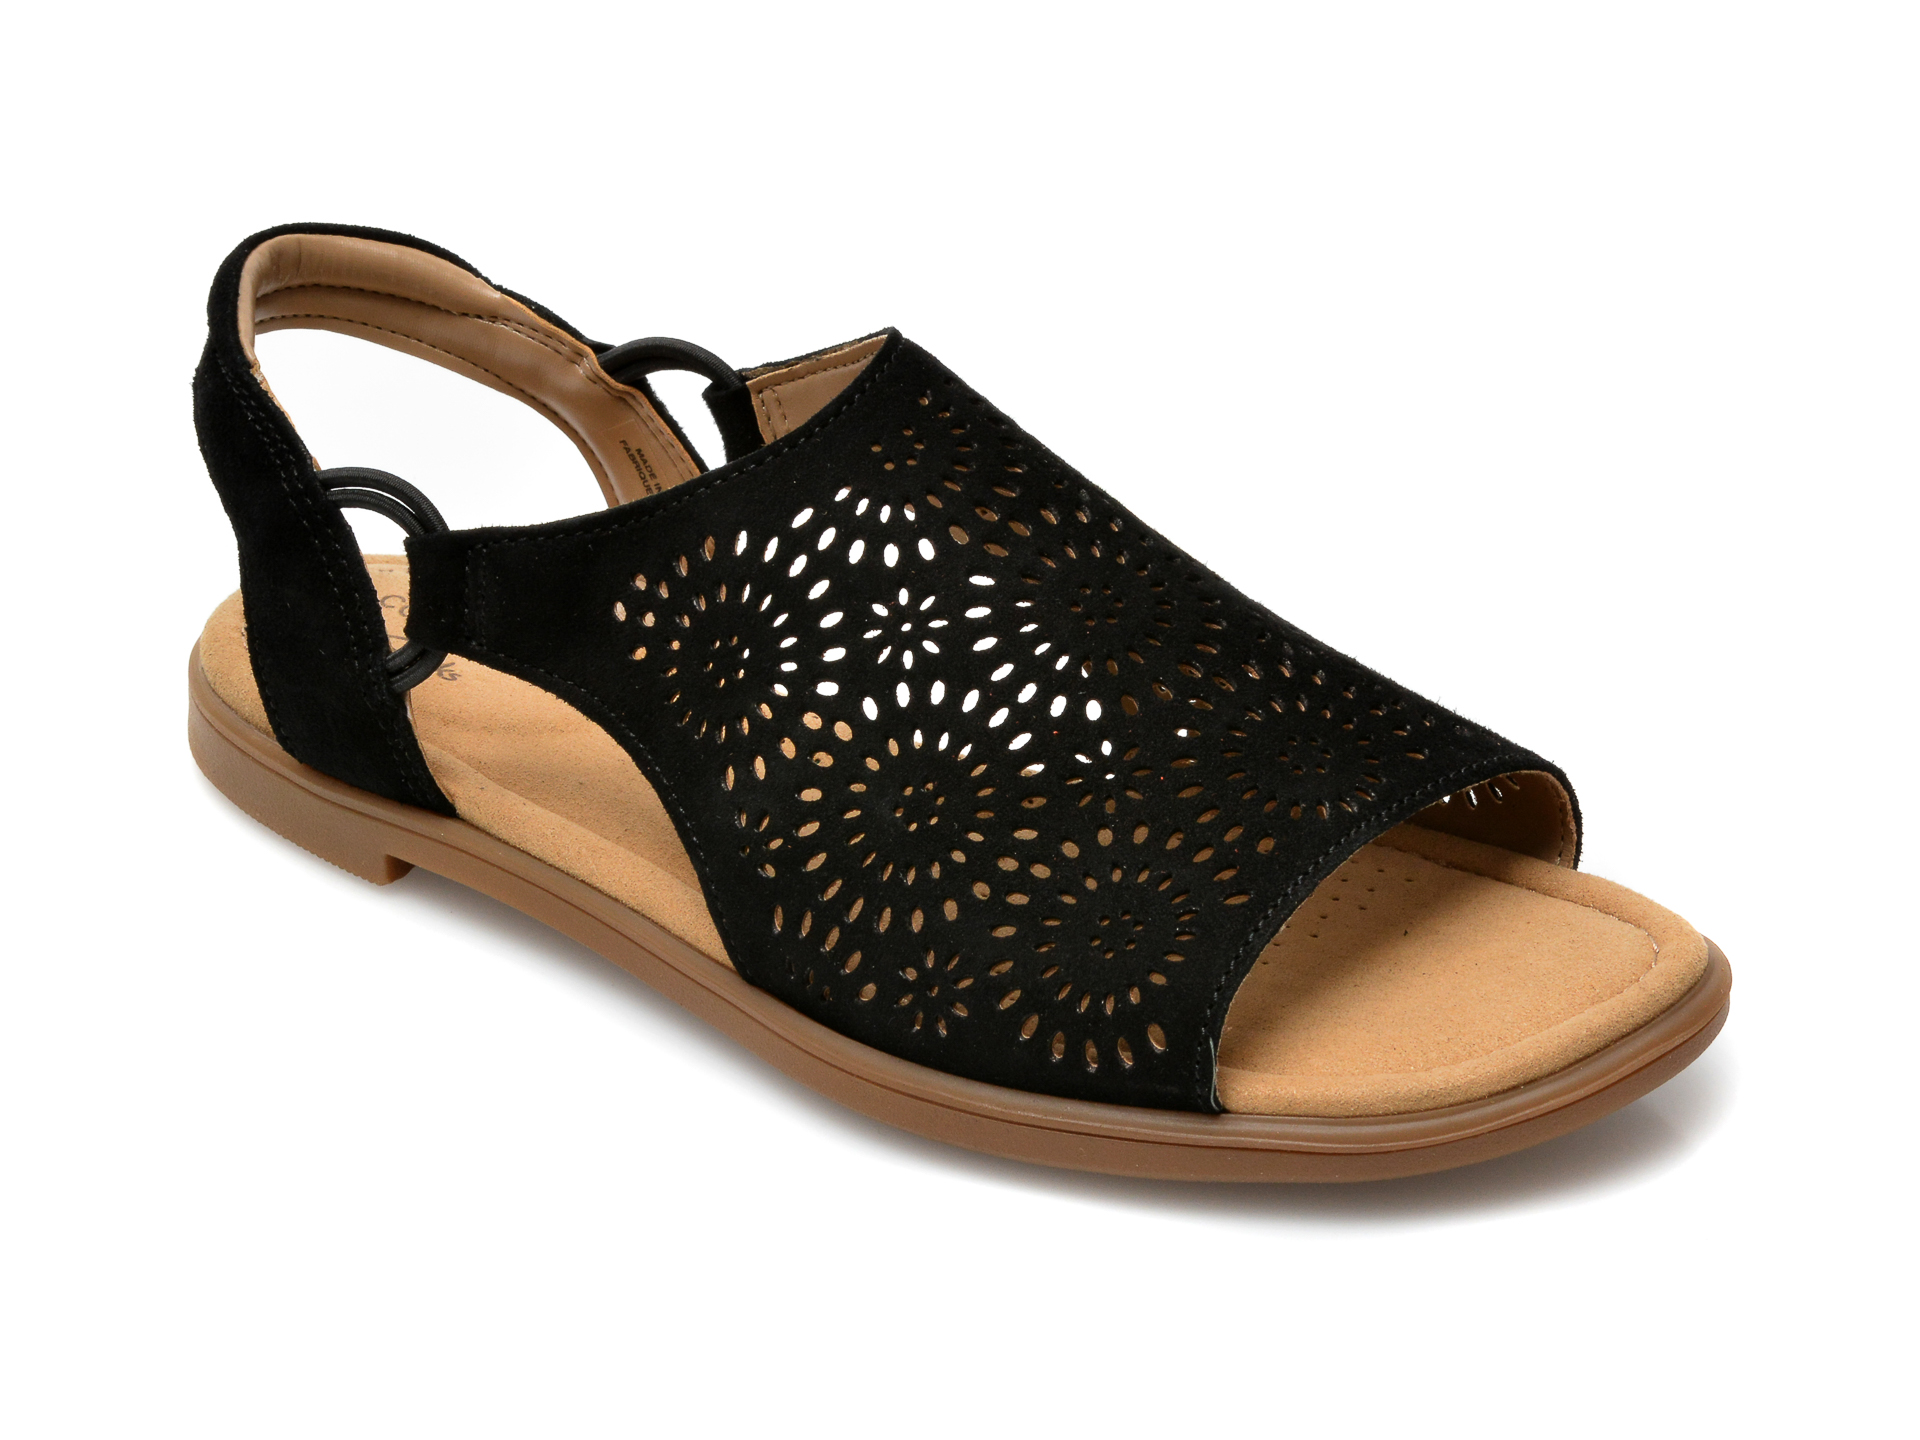 Sandale CLARKS negre, Reyna Swirl, din piele intoarsa imagine otter.ro 2021